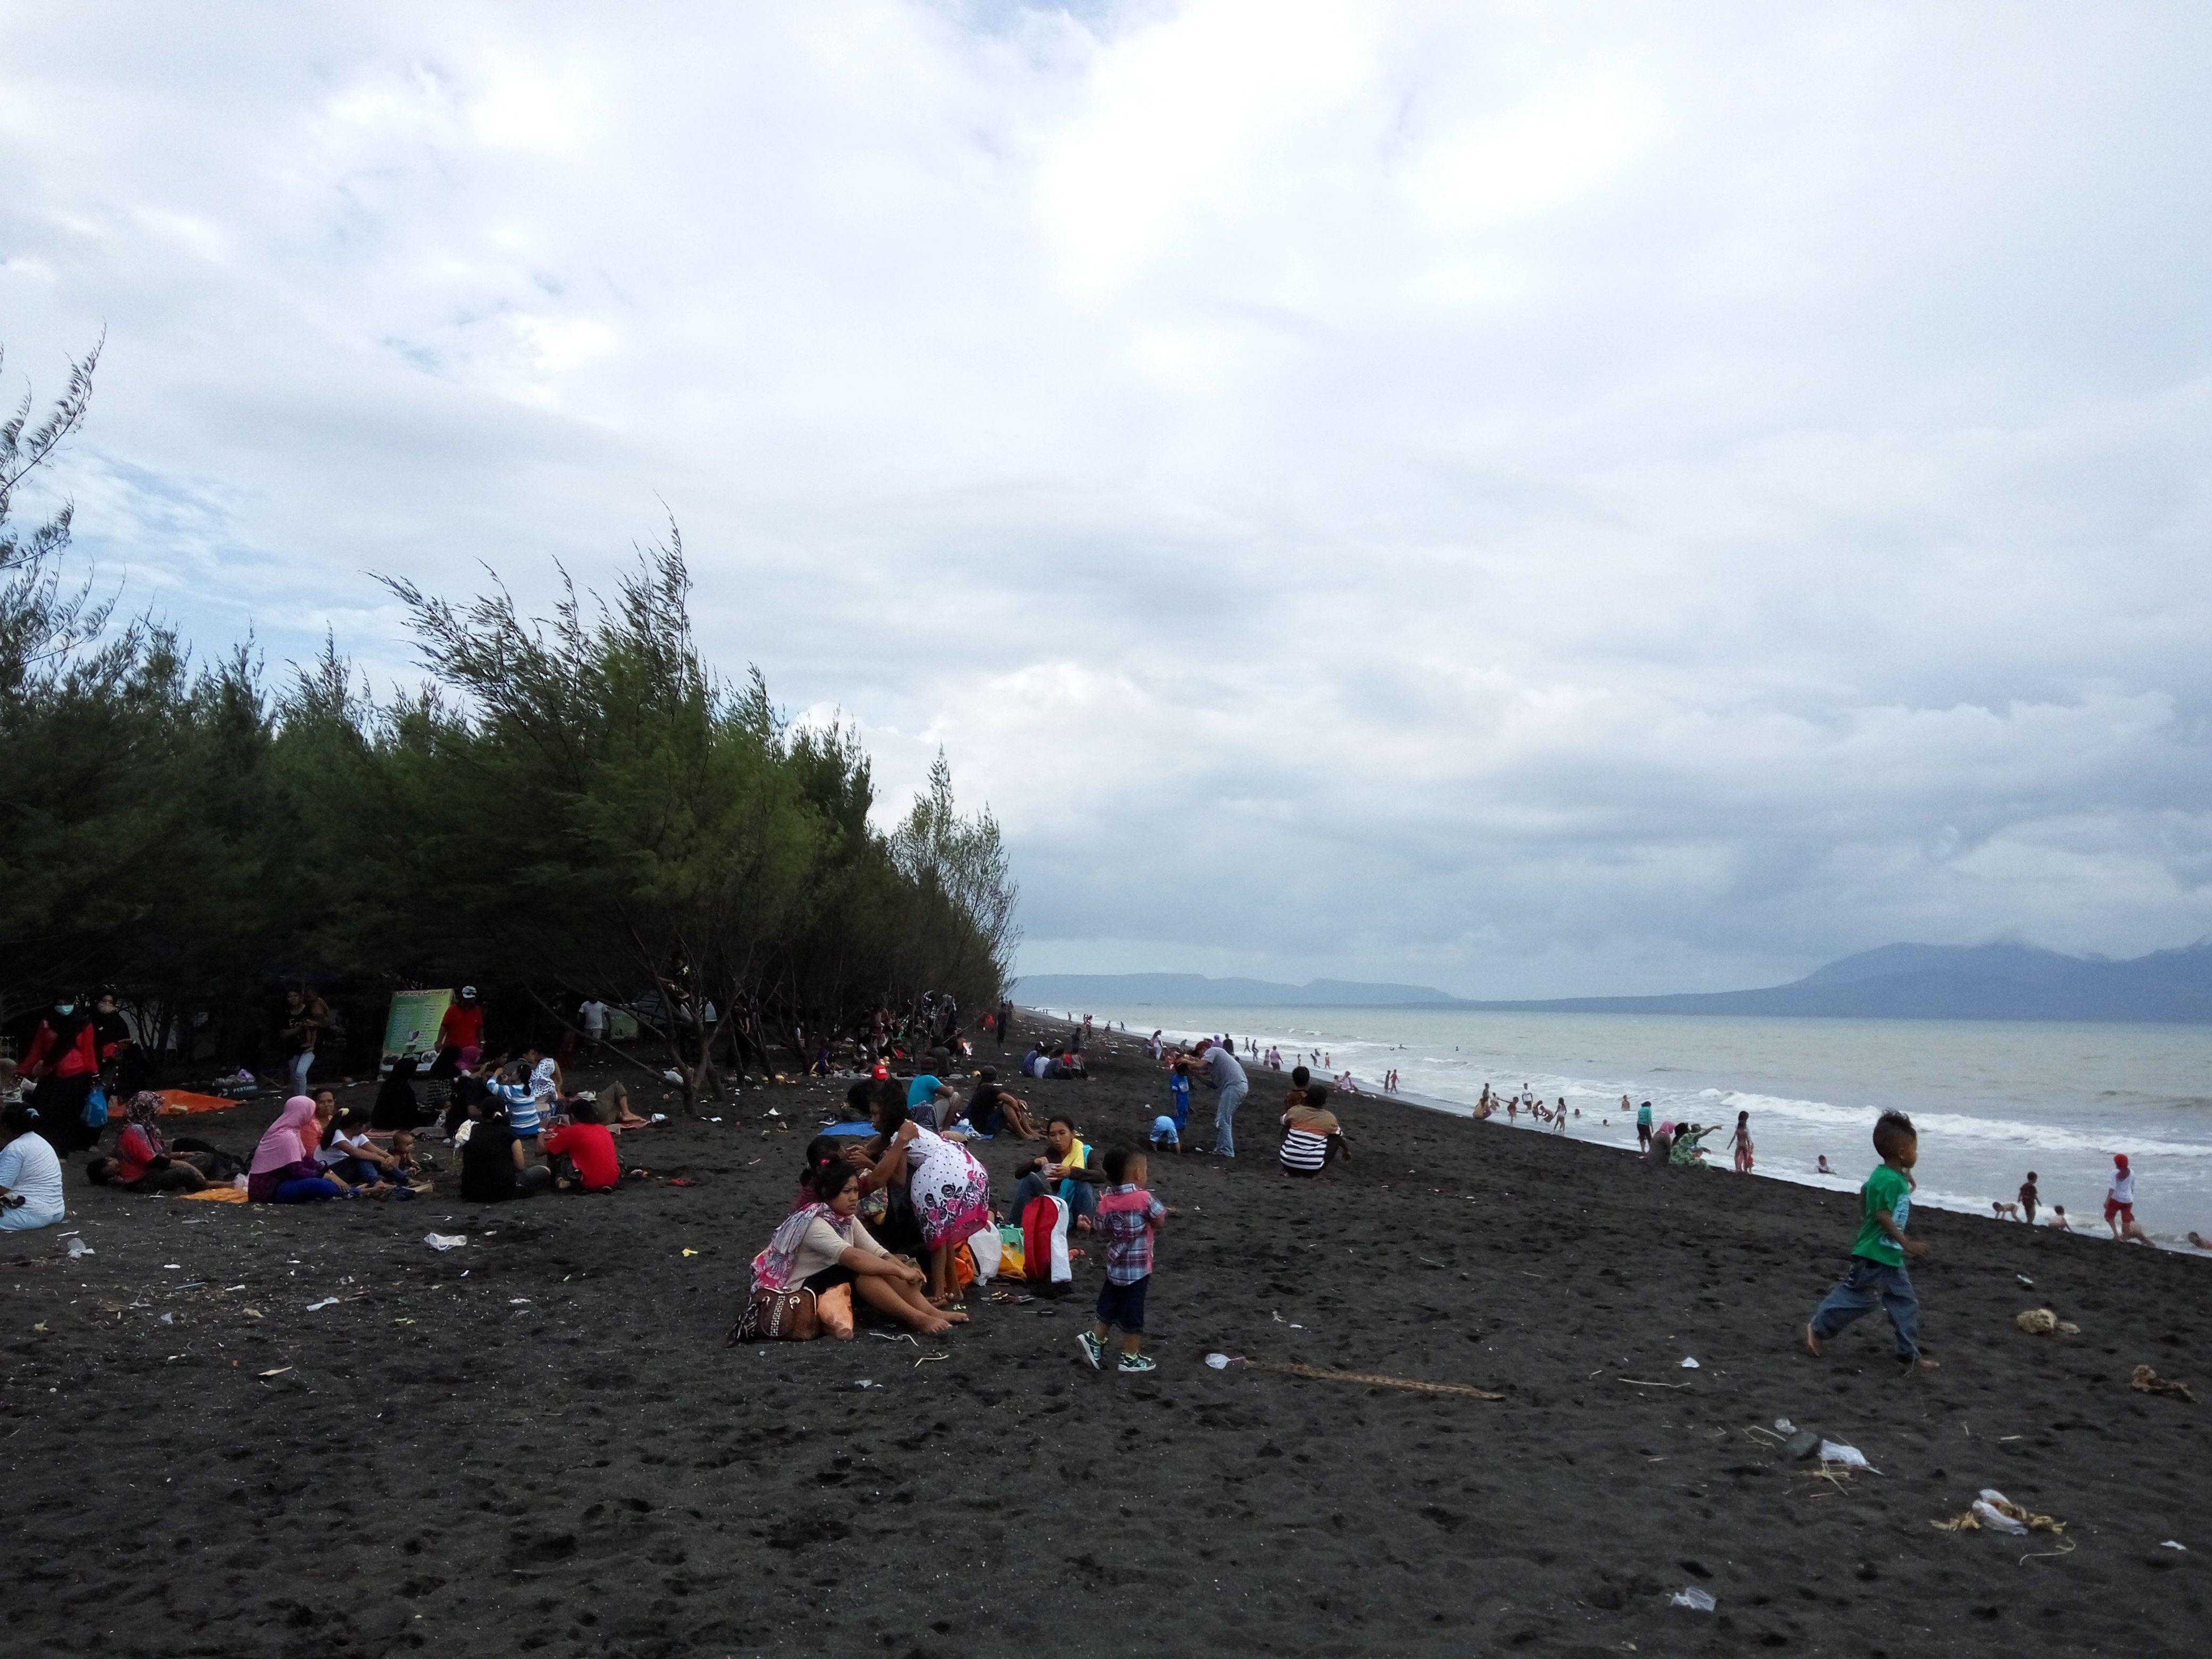 Hari Terakhir Liburan Pantai Cemara Banyuwangi Dipadati Pengunjung Foto Suasana